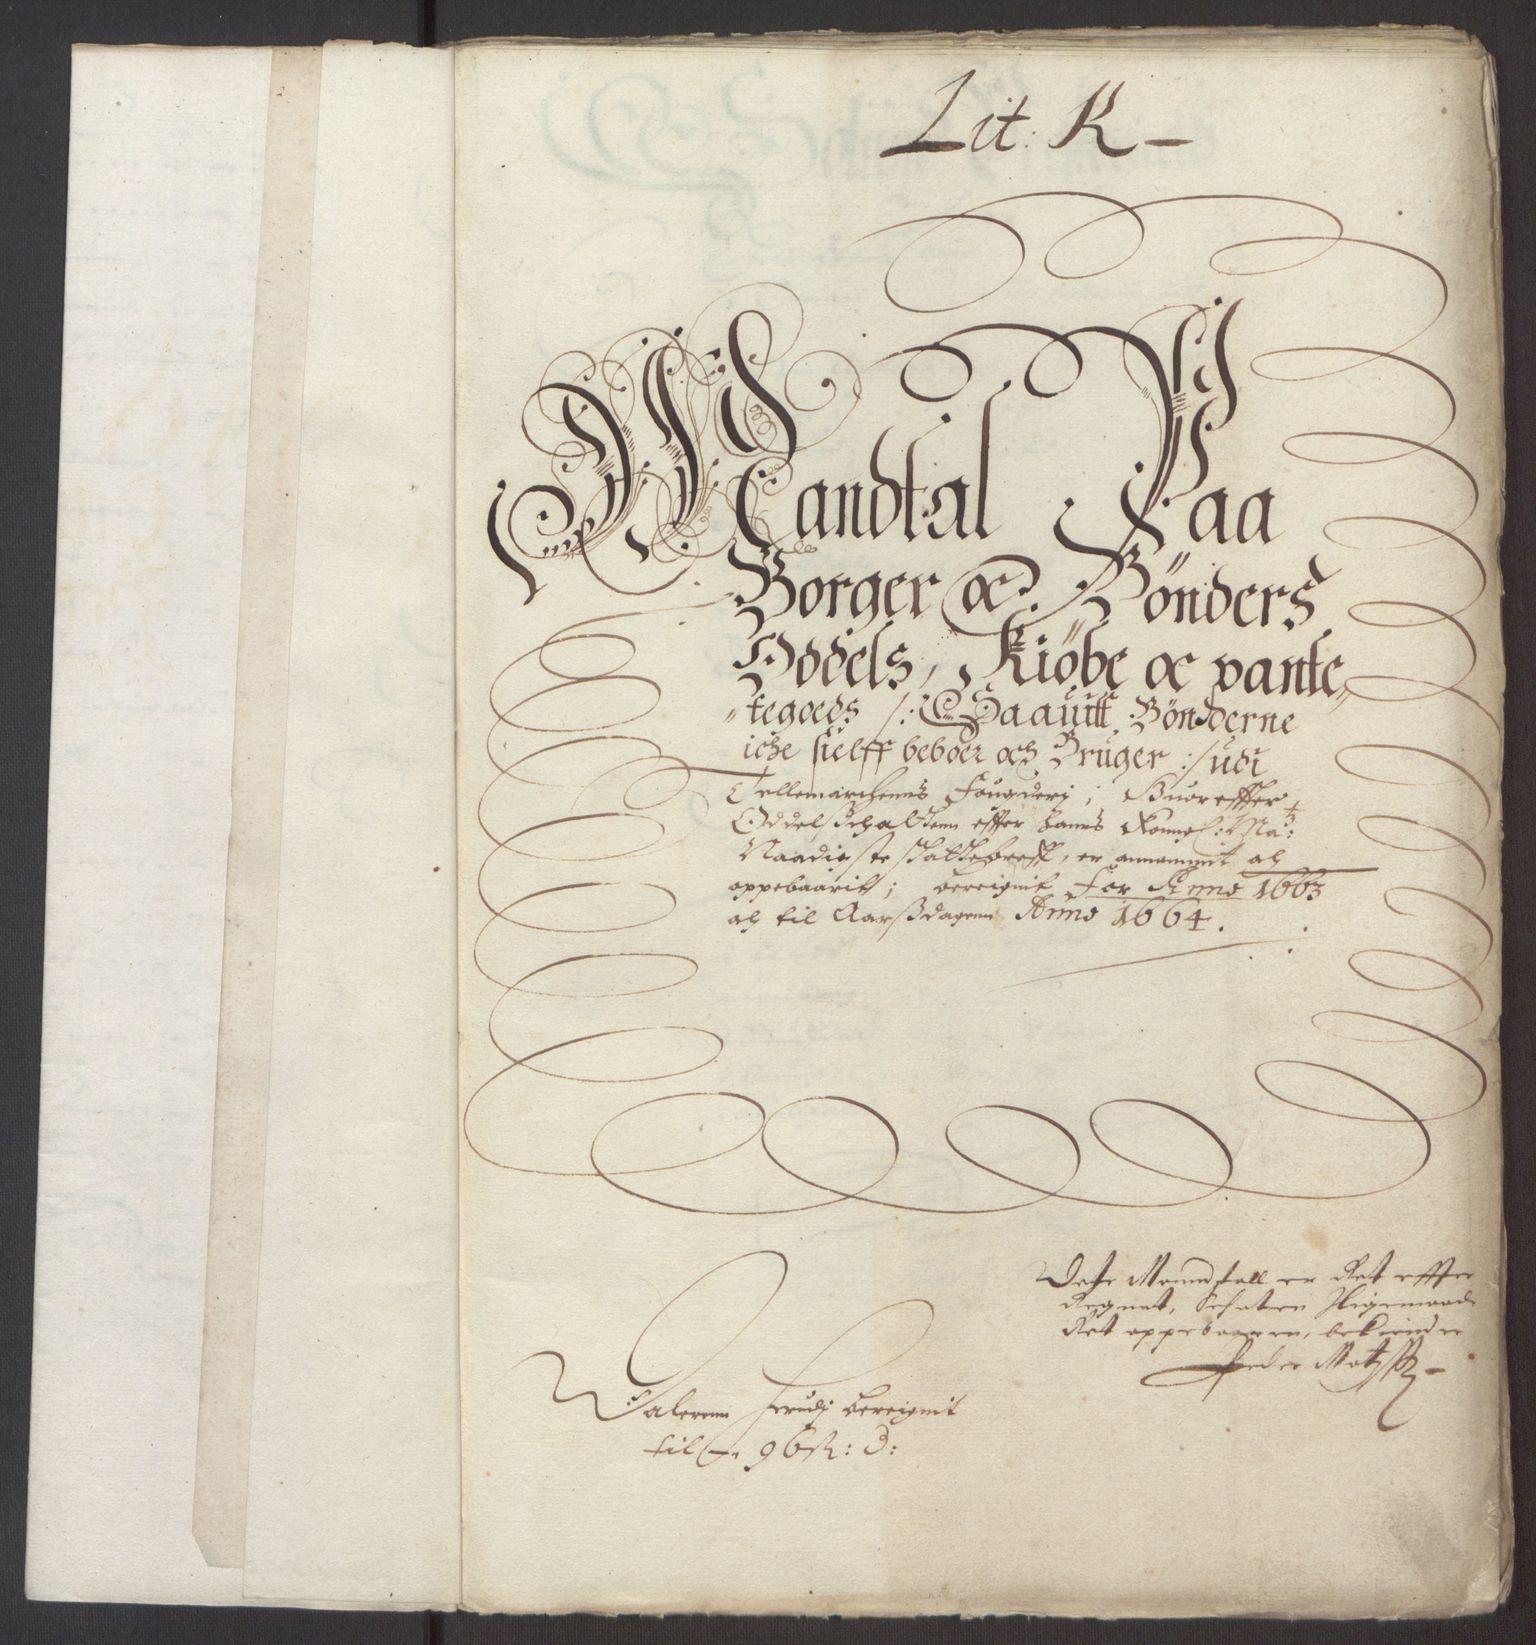 RA, Rentekammeret inntil 1814, Reviderte regnskaper, Fogderegnskap, R35/L2054: Fogderegnskap Øvre og Nedre Telemark, 1662-1663, s. 259